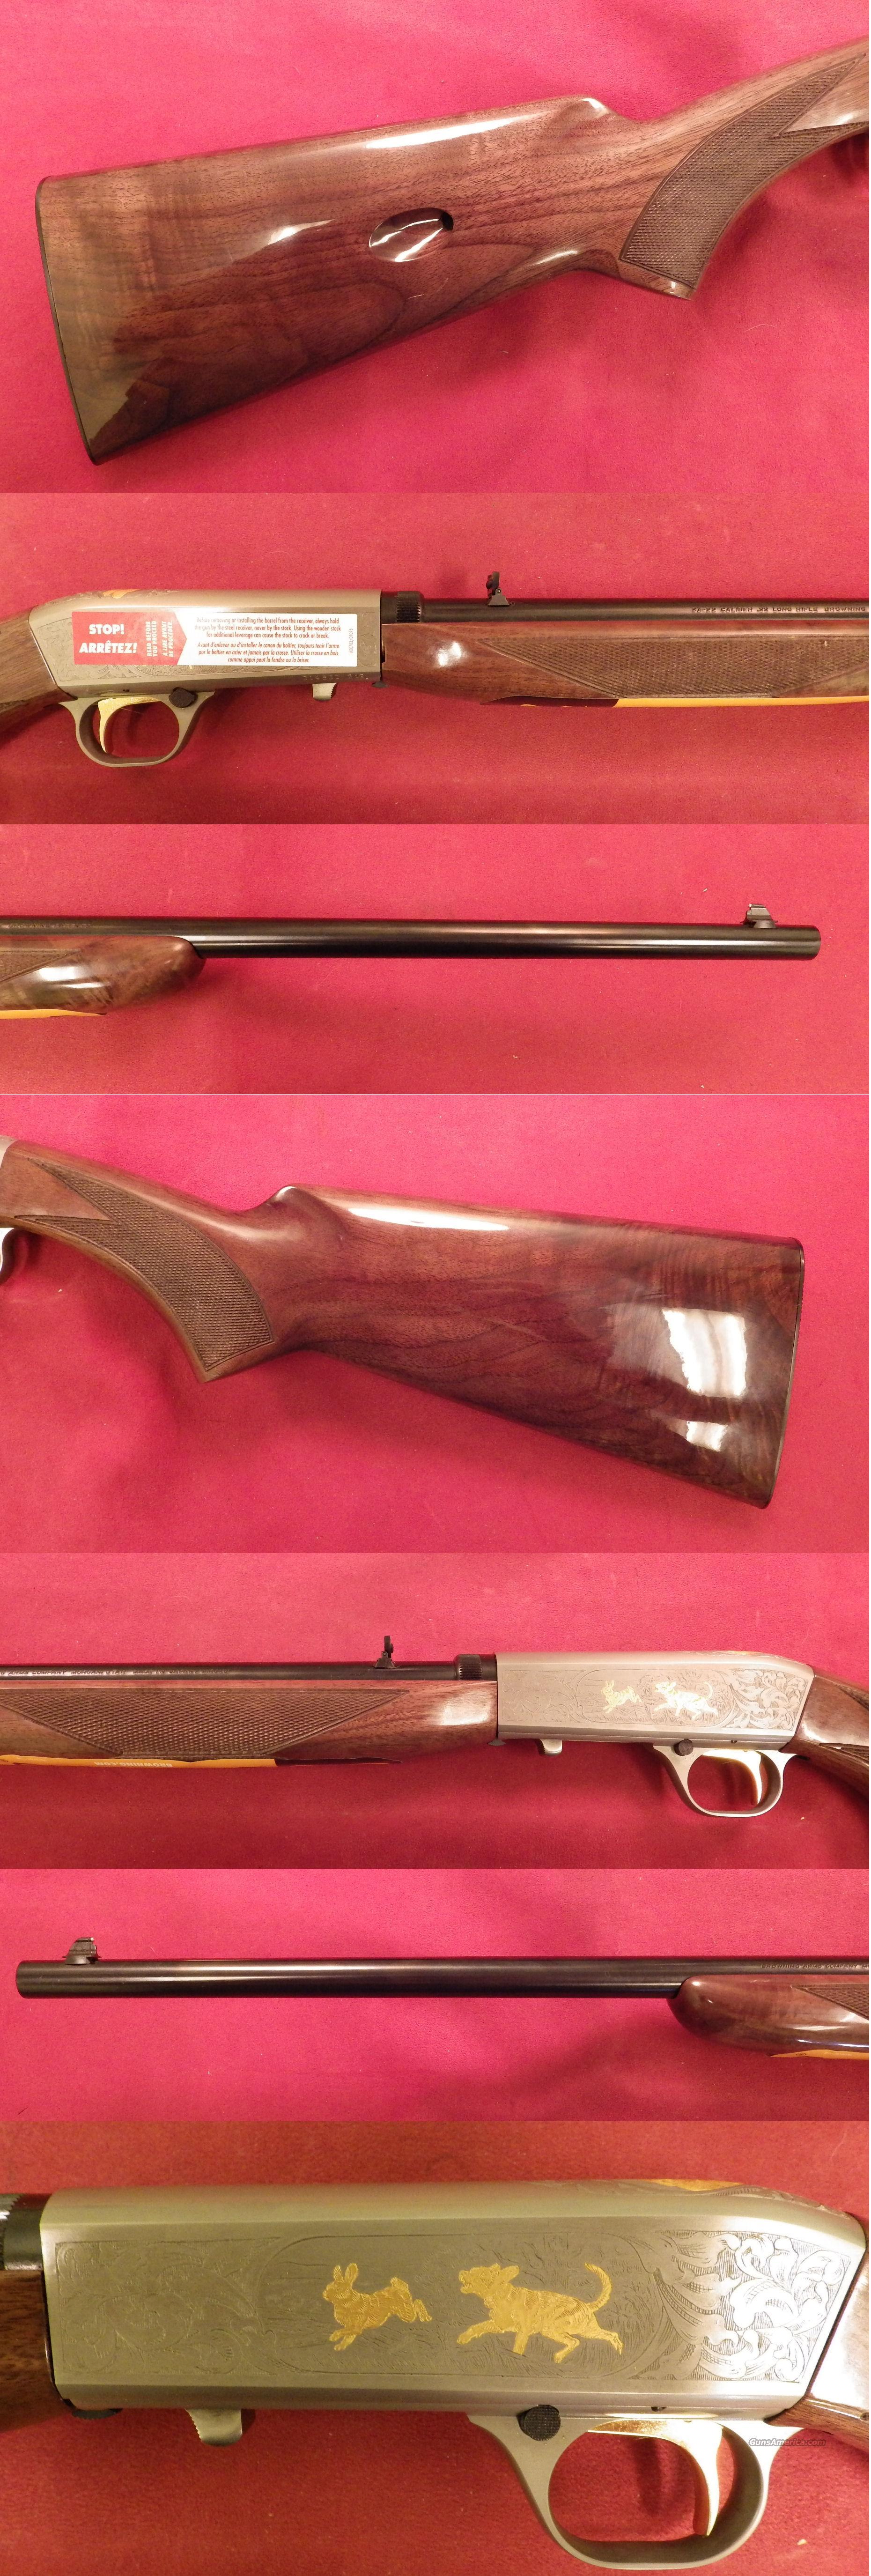 Browning SA-22 Grade VI .22 LR *MUST CALL*  Guns > Rifles > Browning Rifles > Semi Auto > Hunting